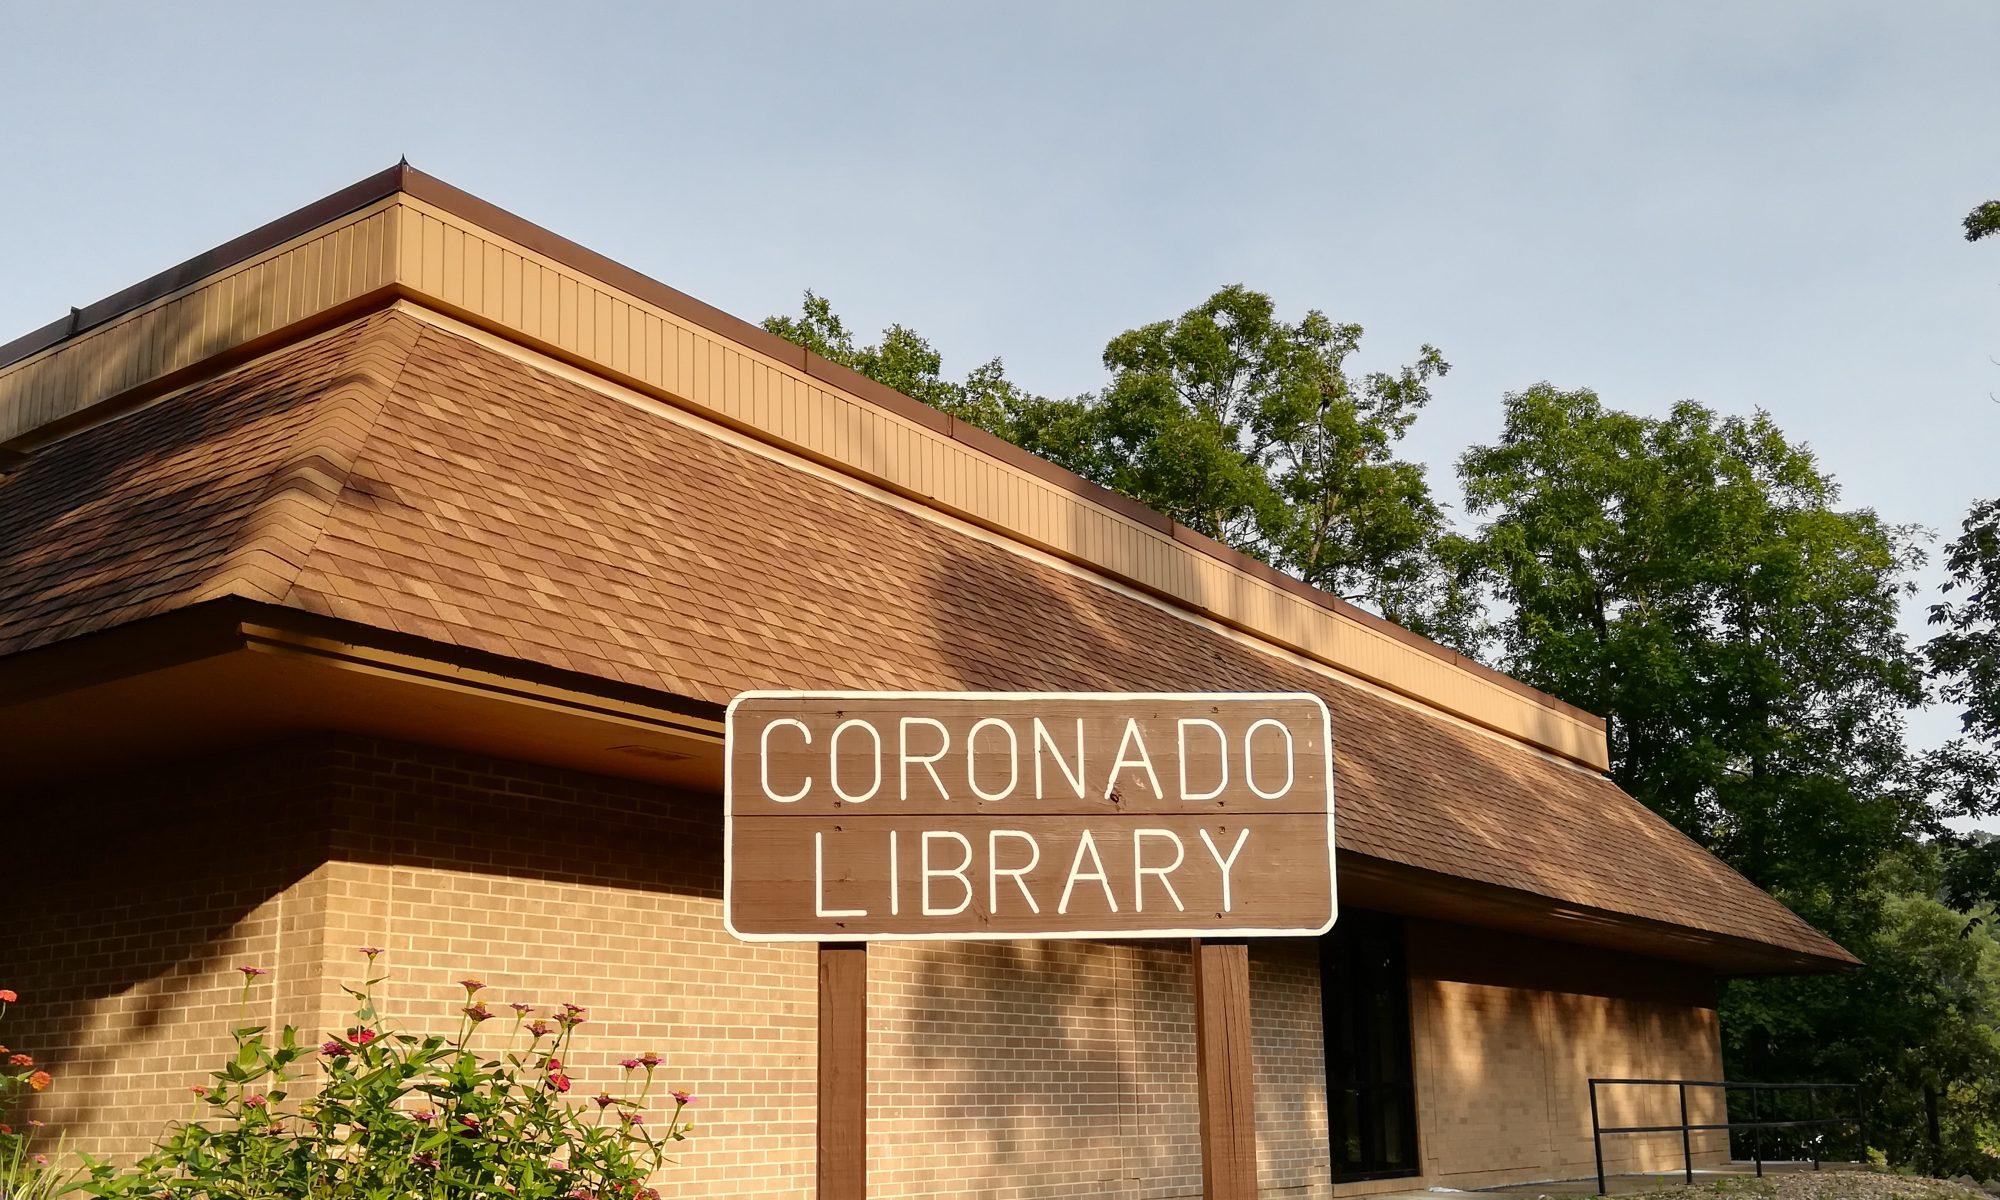 Coronado Center Library